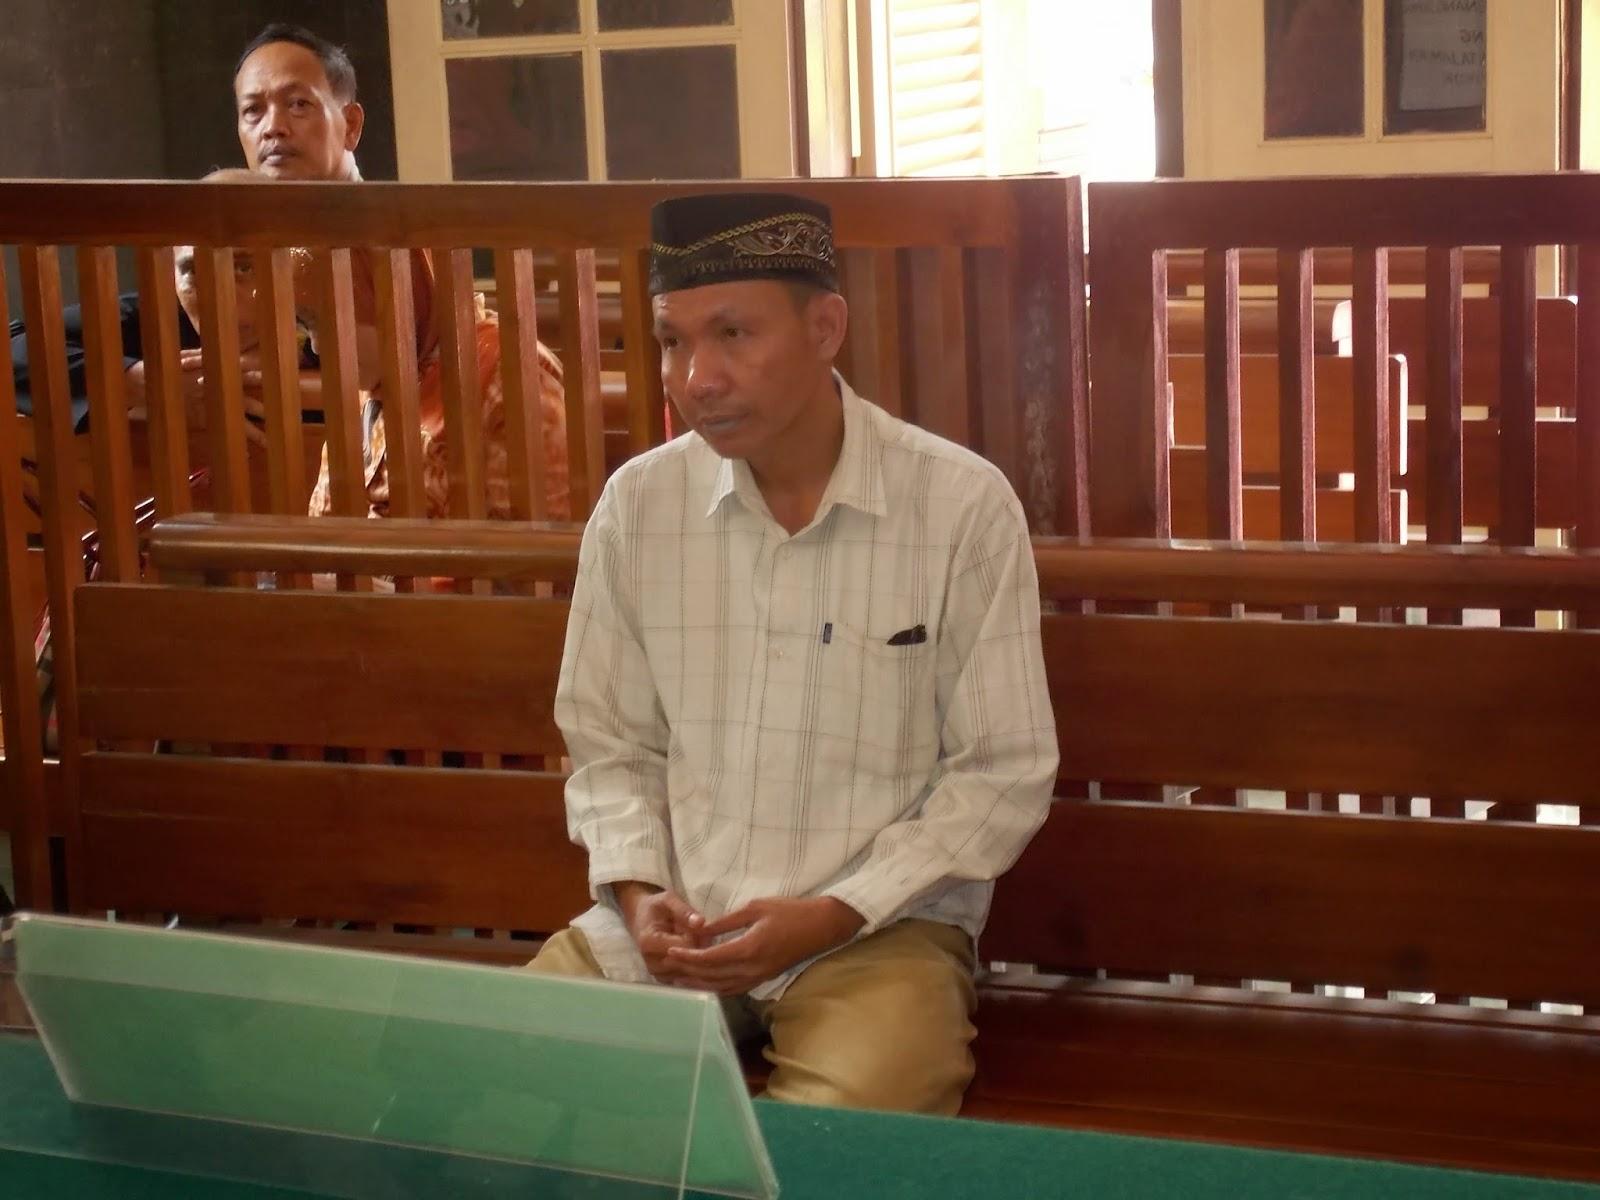 Terdakwa Guru Agama Mengelak Sengaja Melakukan Pelemparan Sepatu